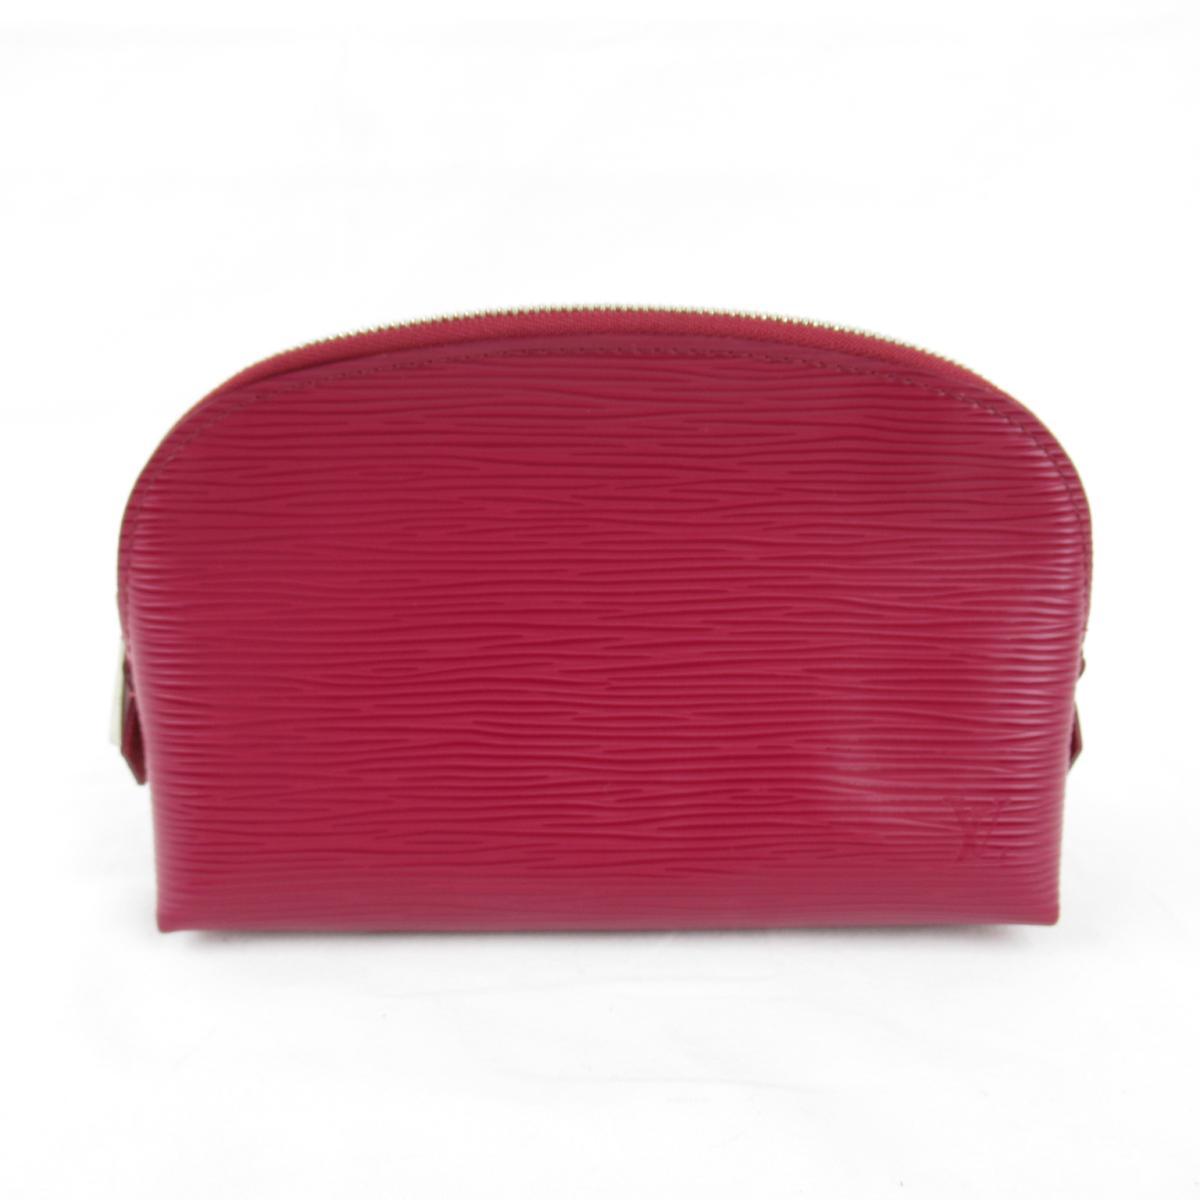 ルイヴィトン ポシェット・コスメティック 化粧ポーチ レディース エピ フューシャ (M40641) | ブランド